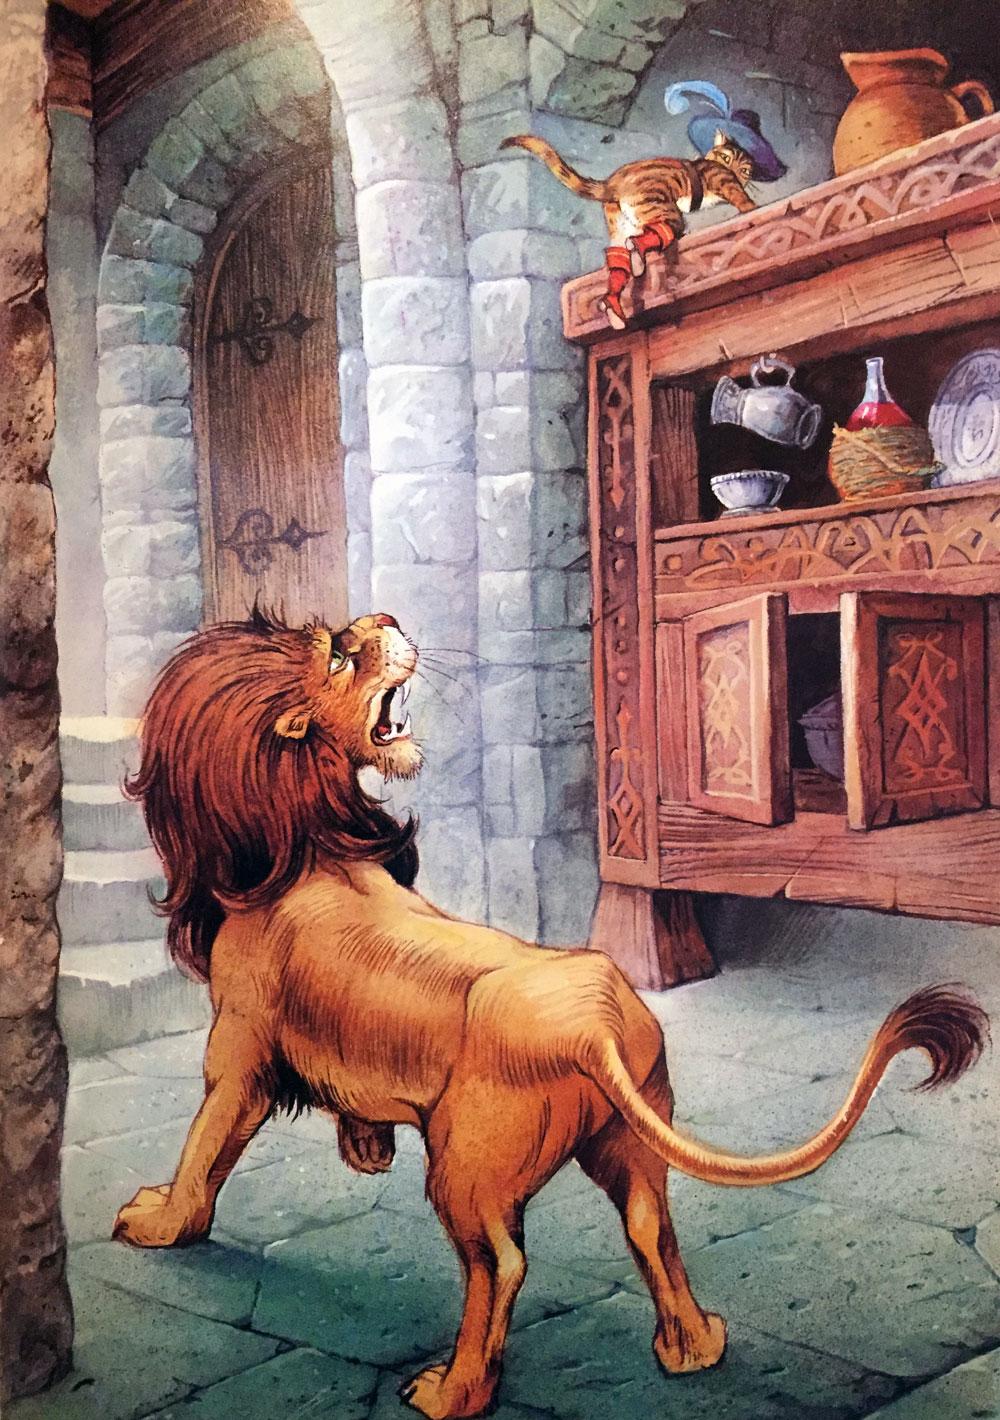 кот в сапогах в замке людоеда картинки все эти